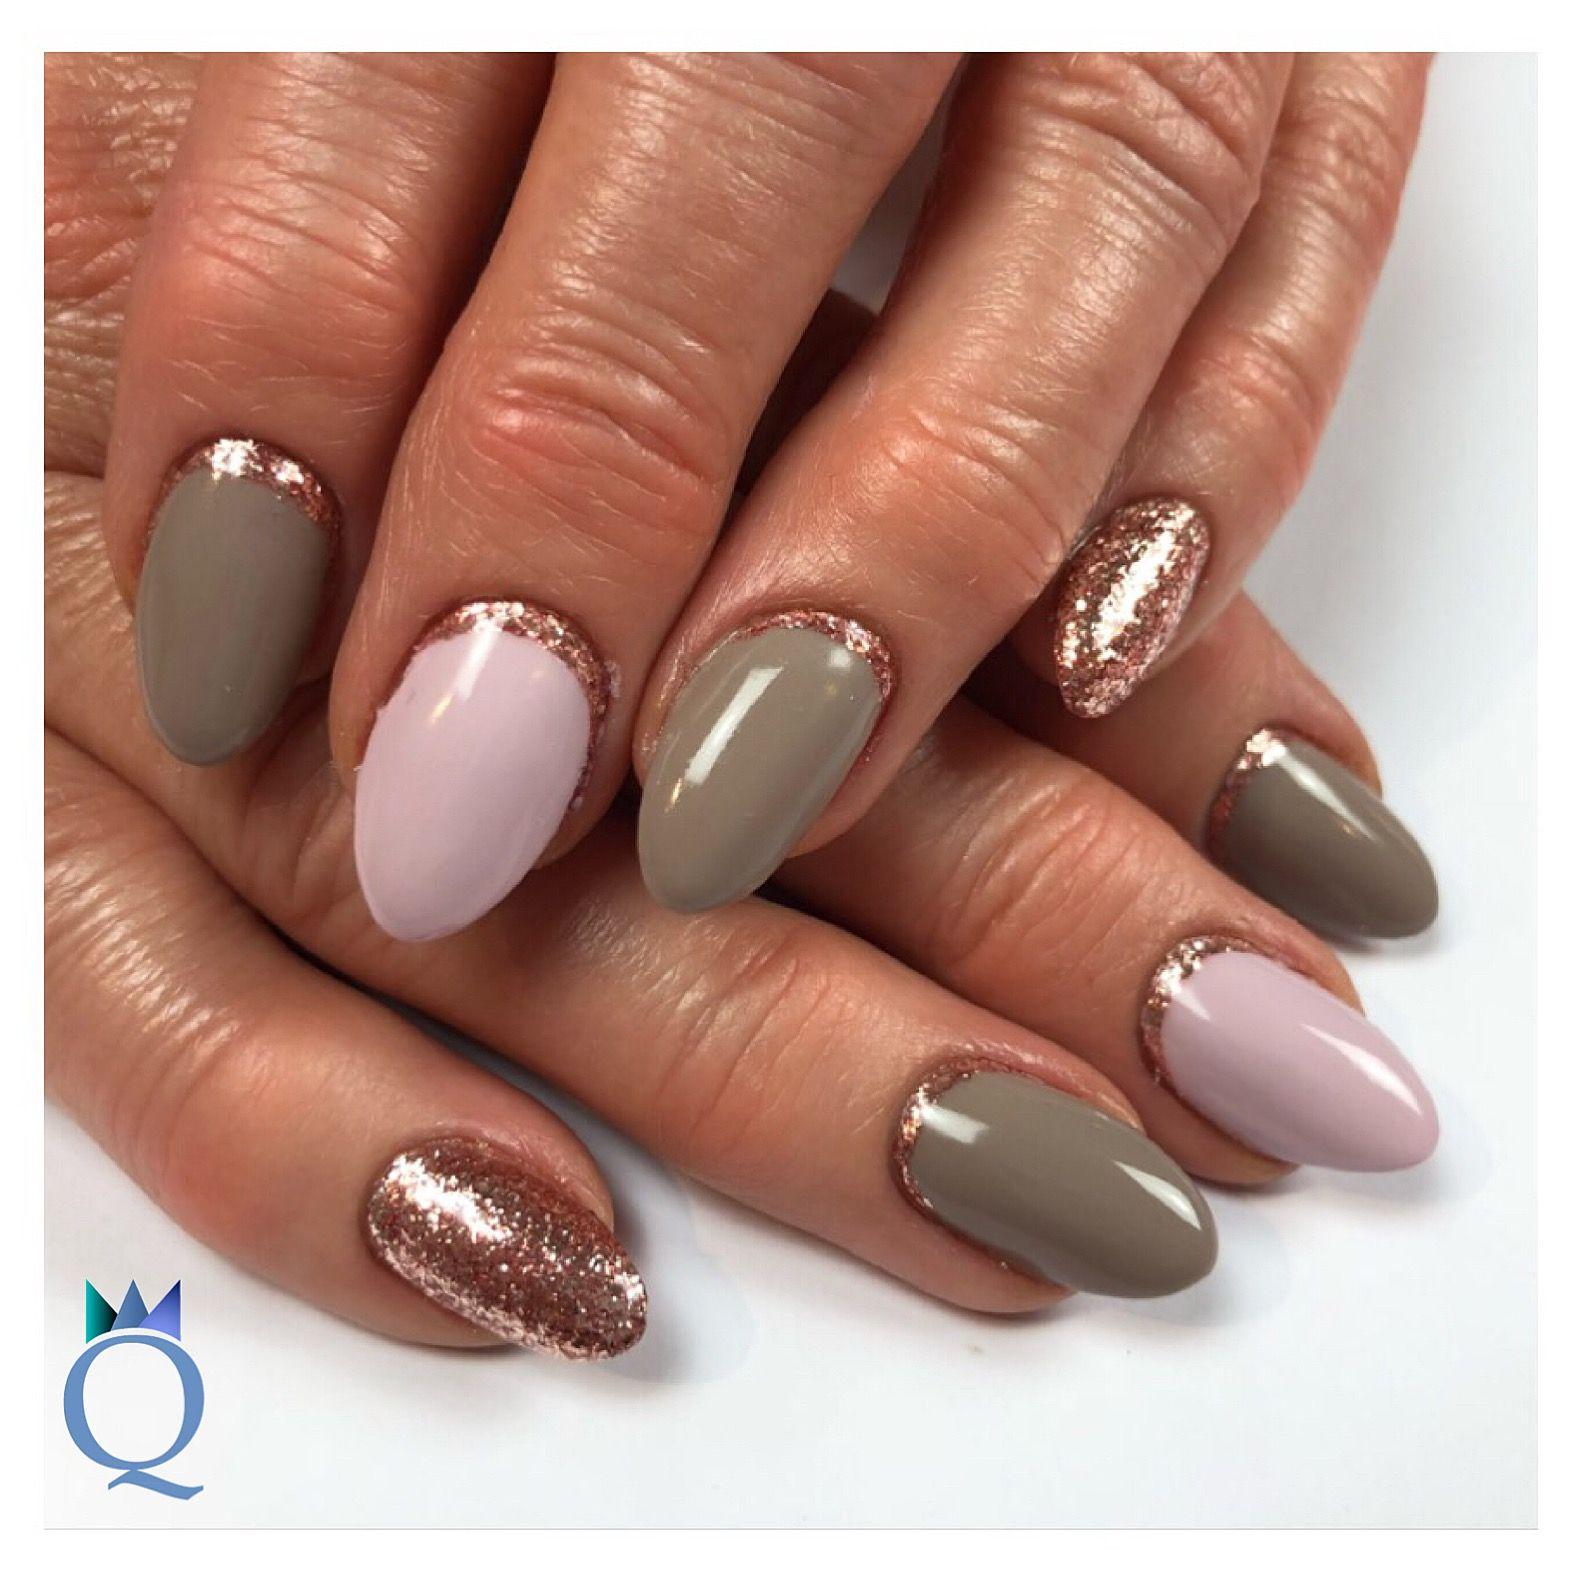 almondnails #gelnails #nails #pink #taupe #rosegold #mandelform ...